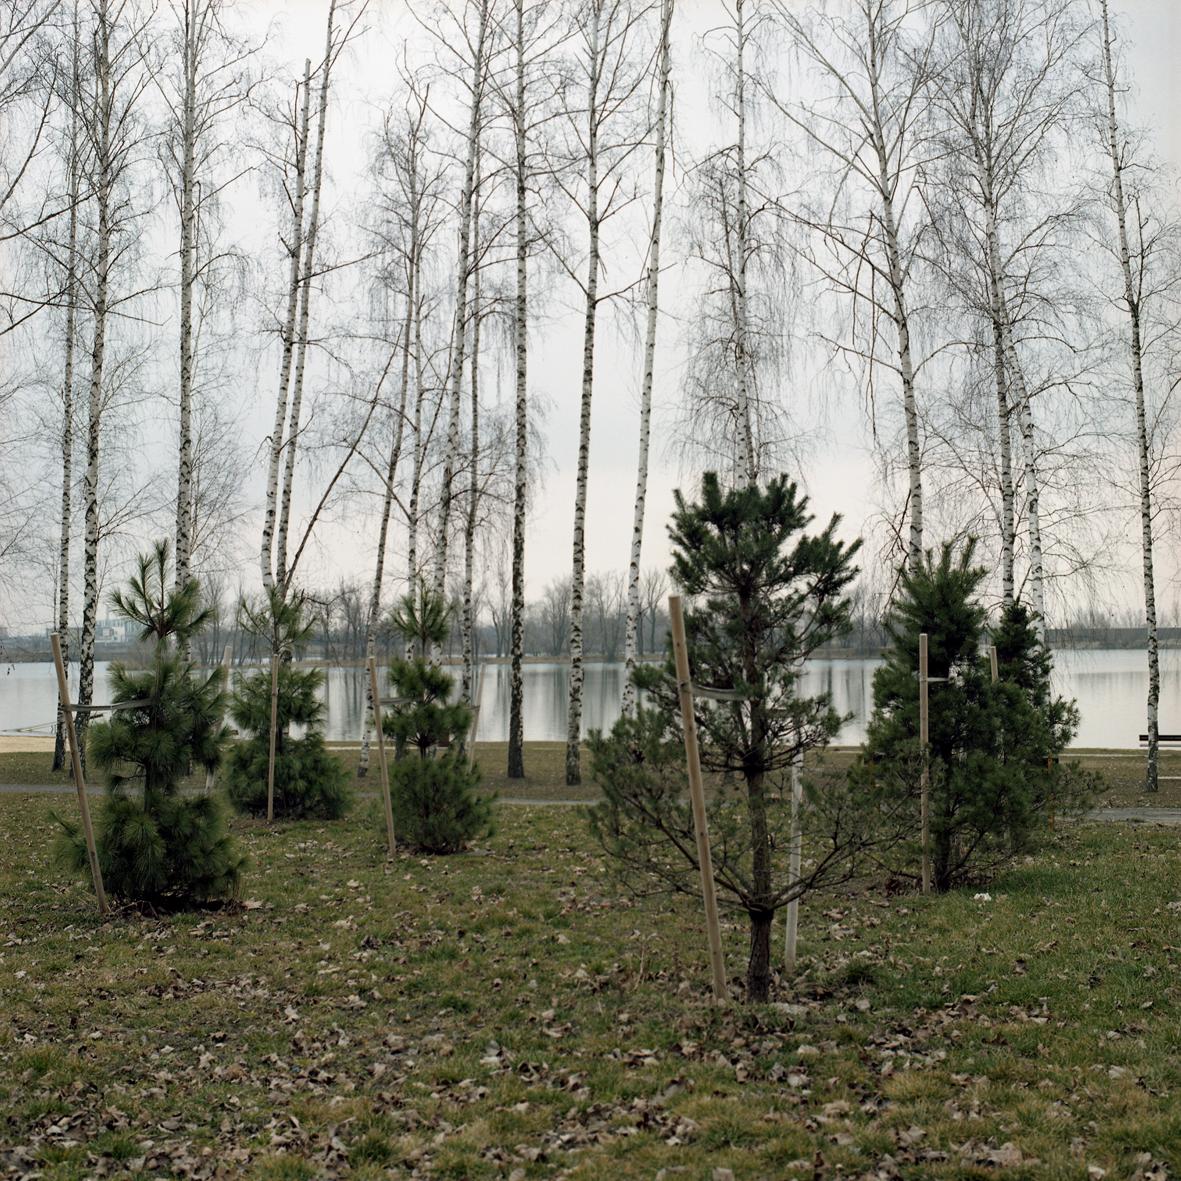 kolekova-zo-suboru